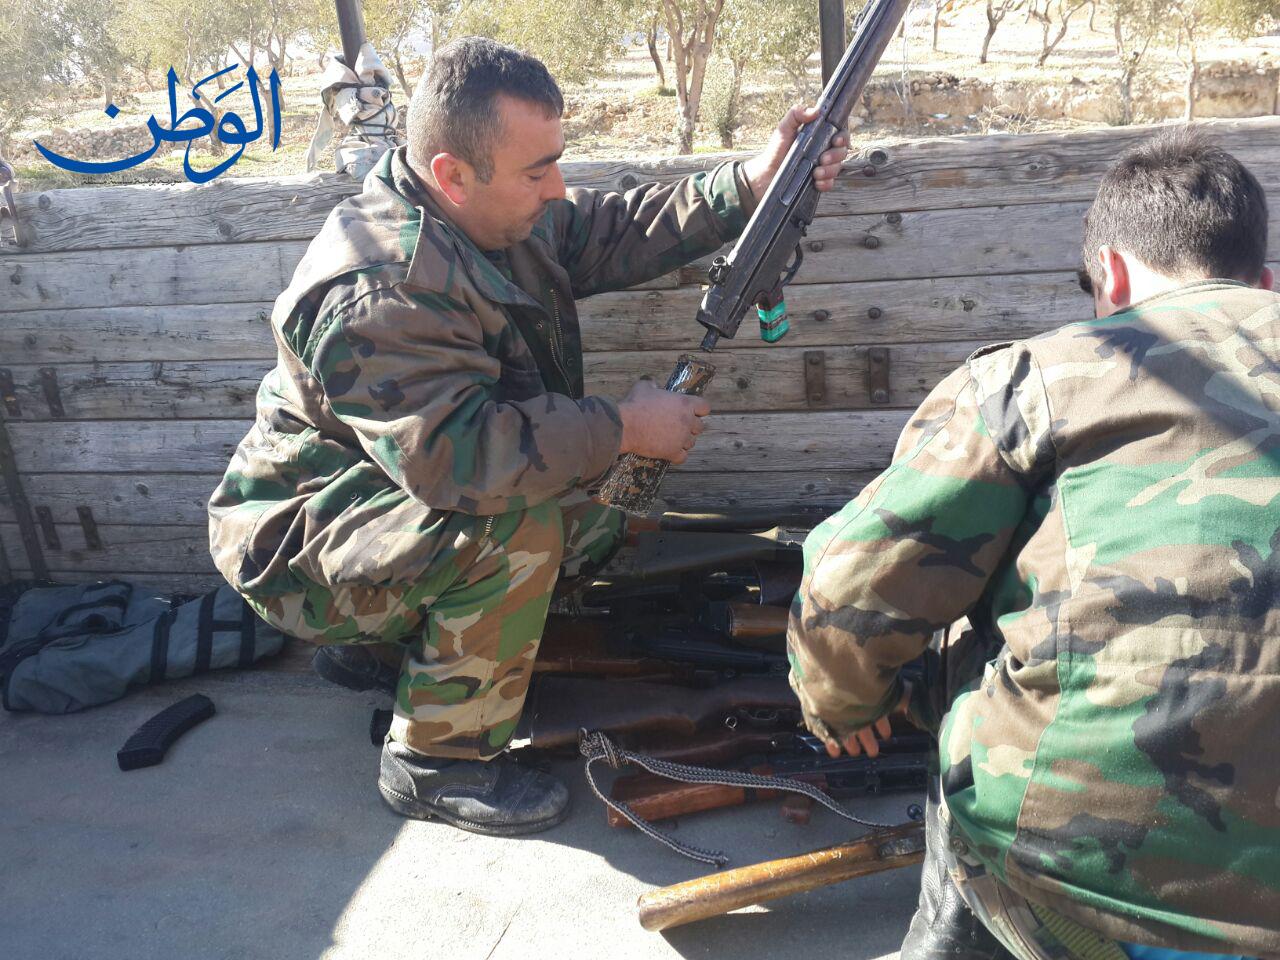 صورة بالصور.. تسوية أوضاع مسلحين وتسليم أسلحتهم في وادي بردى